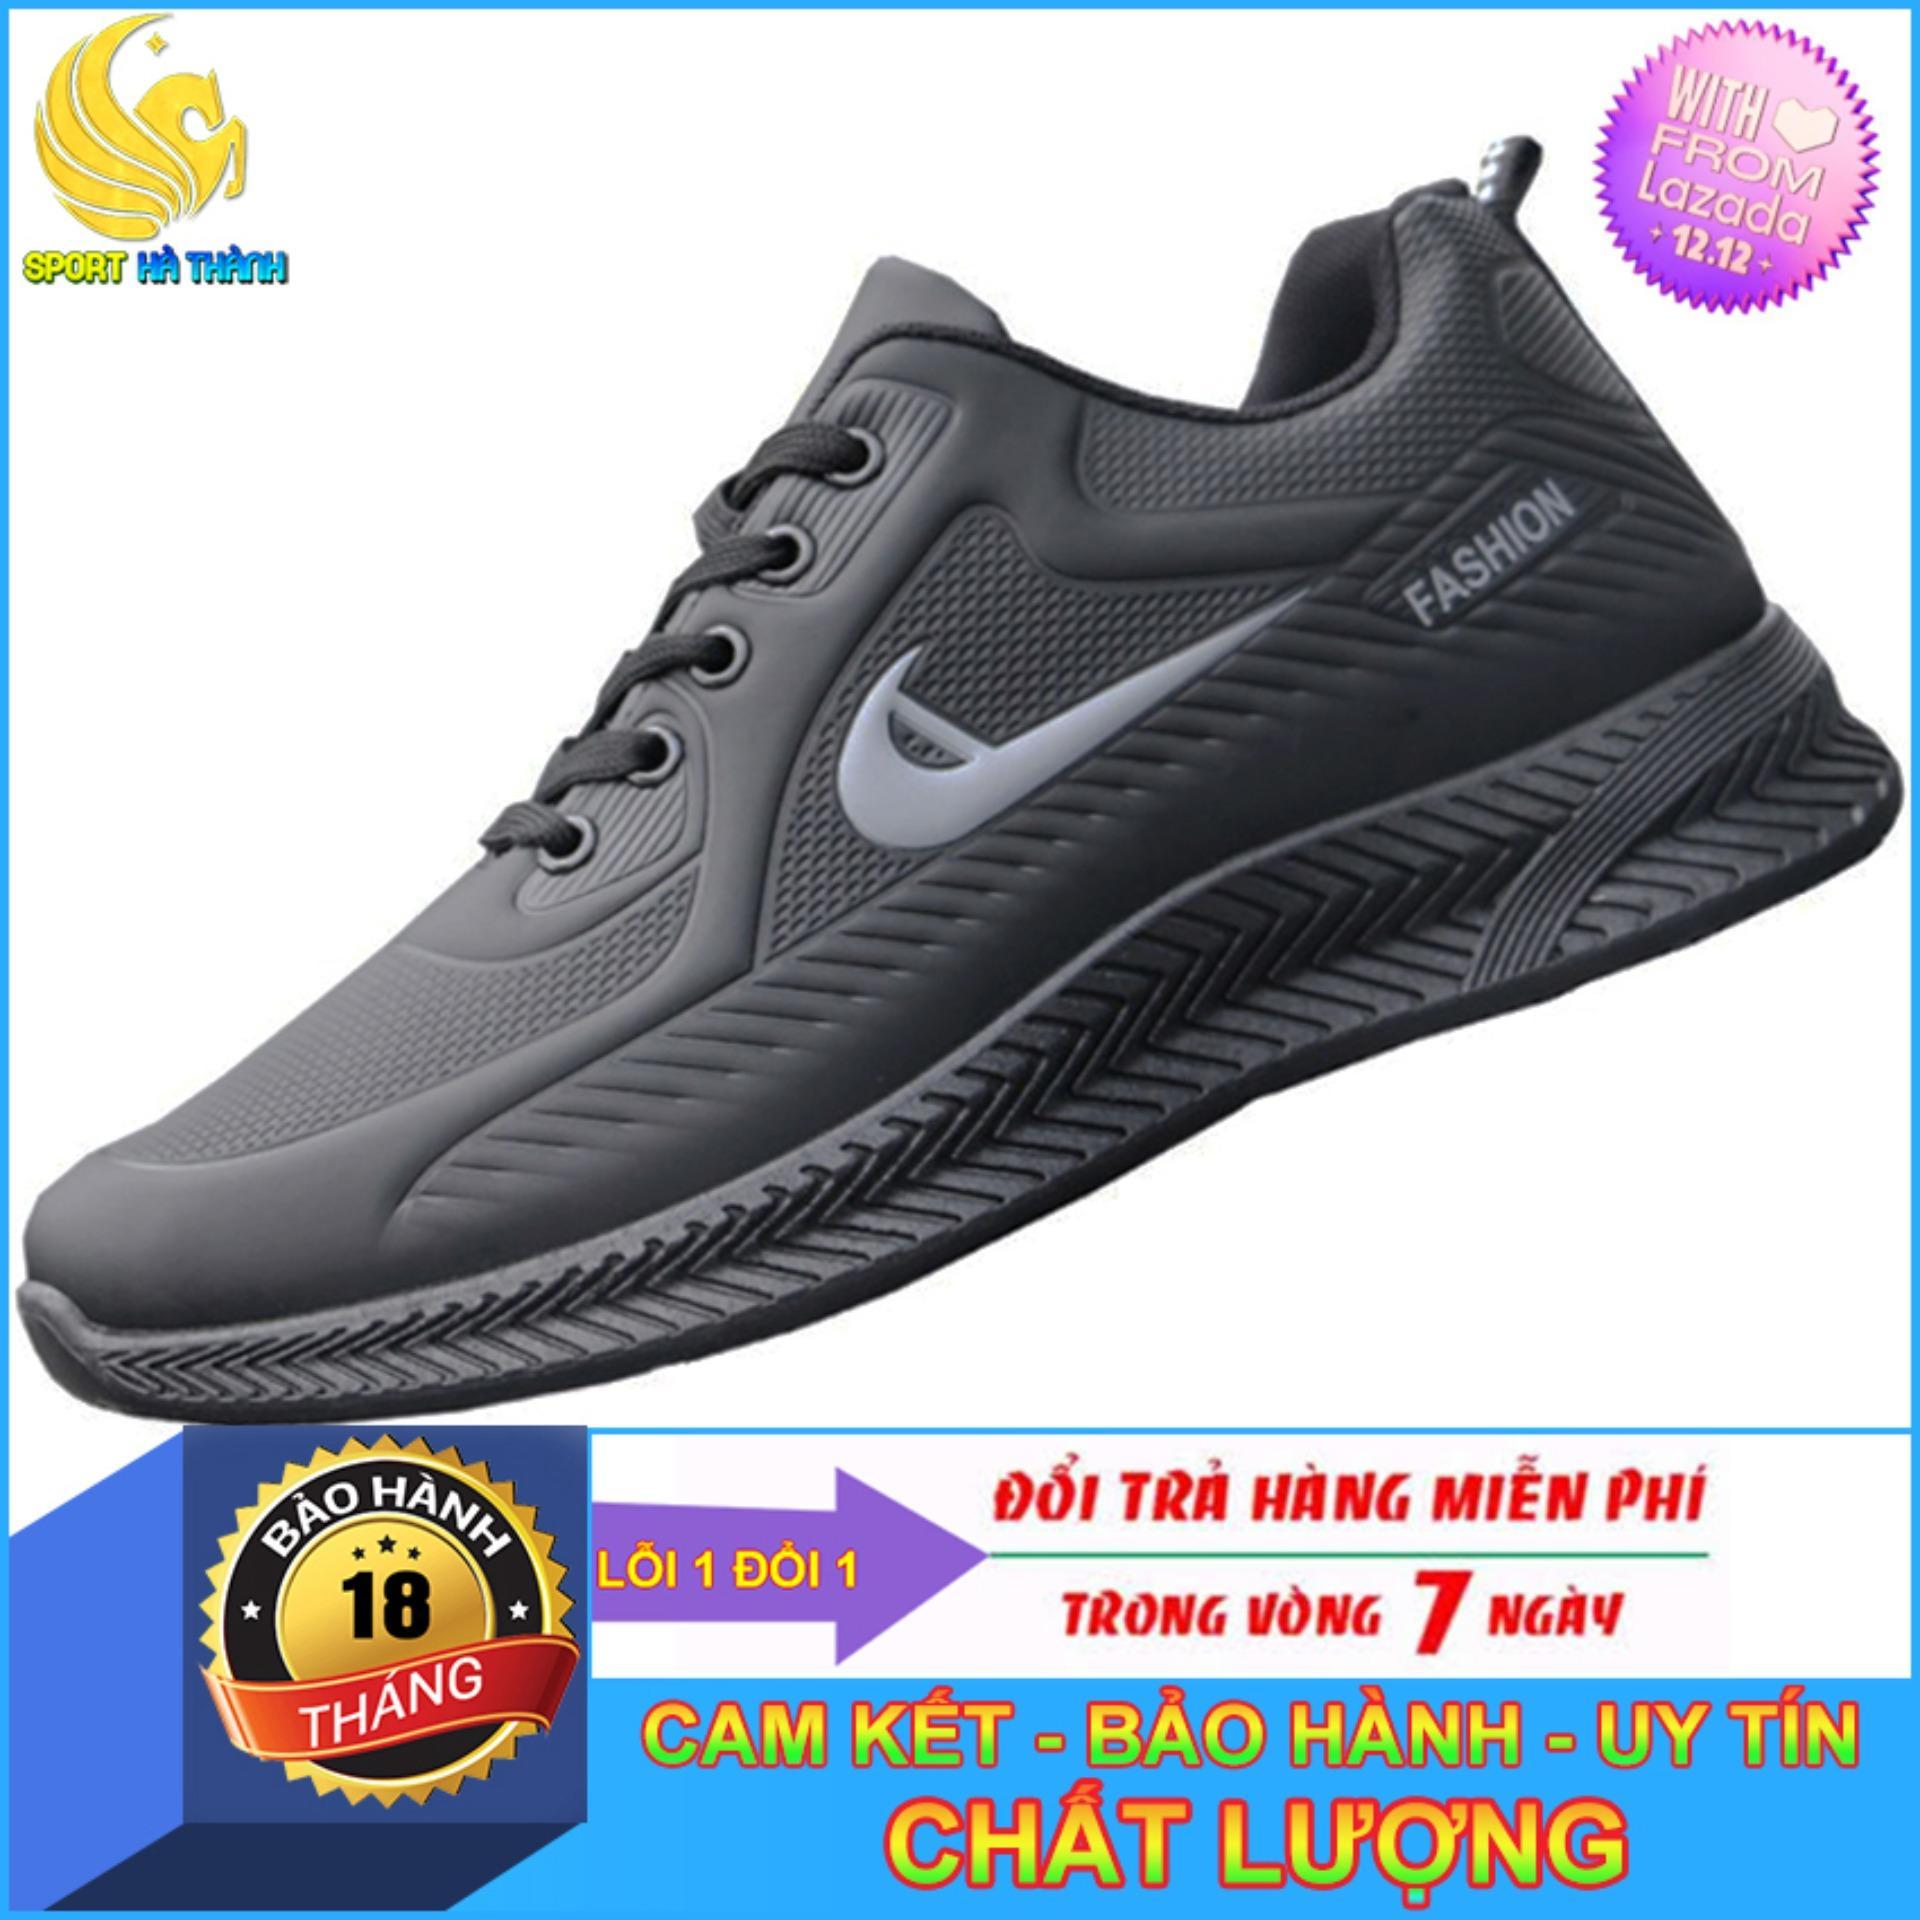 [ HOT Trend 2019 ] Giày Sneaker Nam - Giày Nam Thể Thao Sneaker - Giày Nam Thể Thao Sport Hà Thành -SE0001 Giá Cực Ngầu